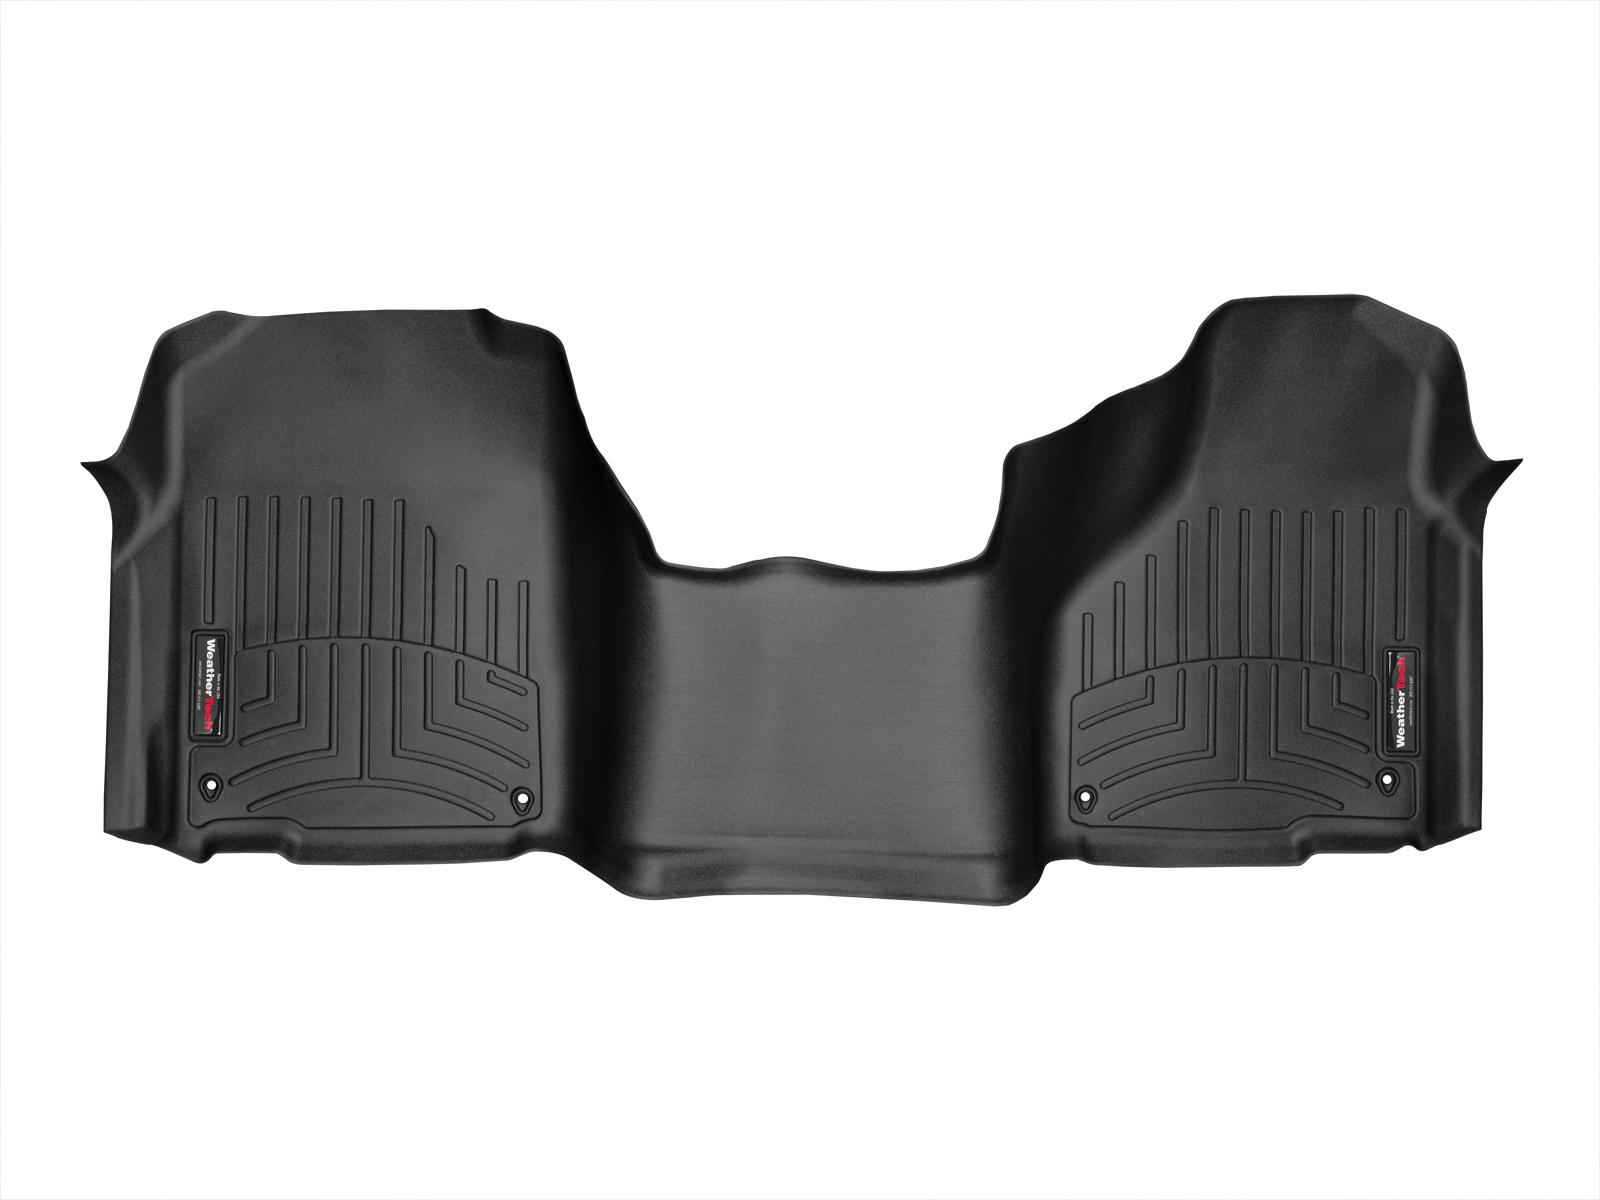 Tappeti gomma su misura bordo alto RAM Ram 1500 12>12 Nero A3190